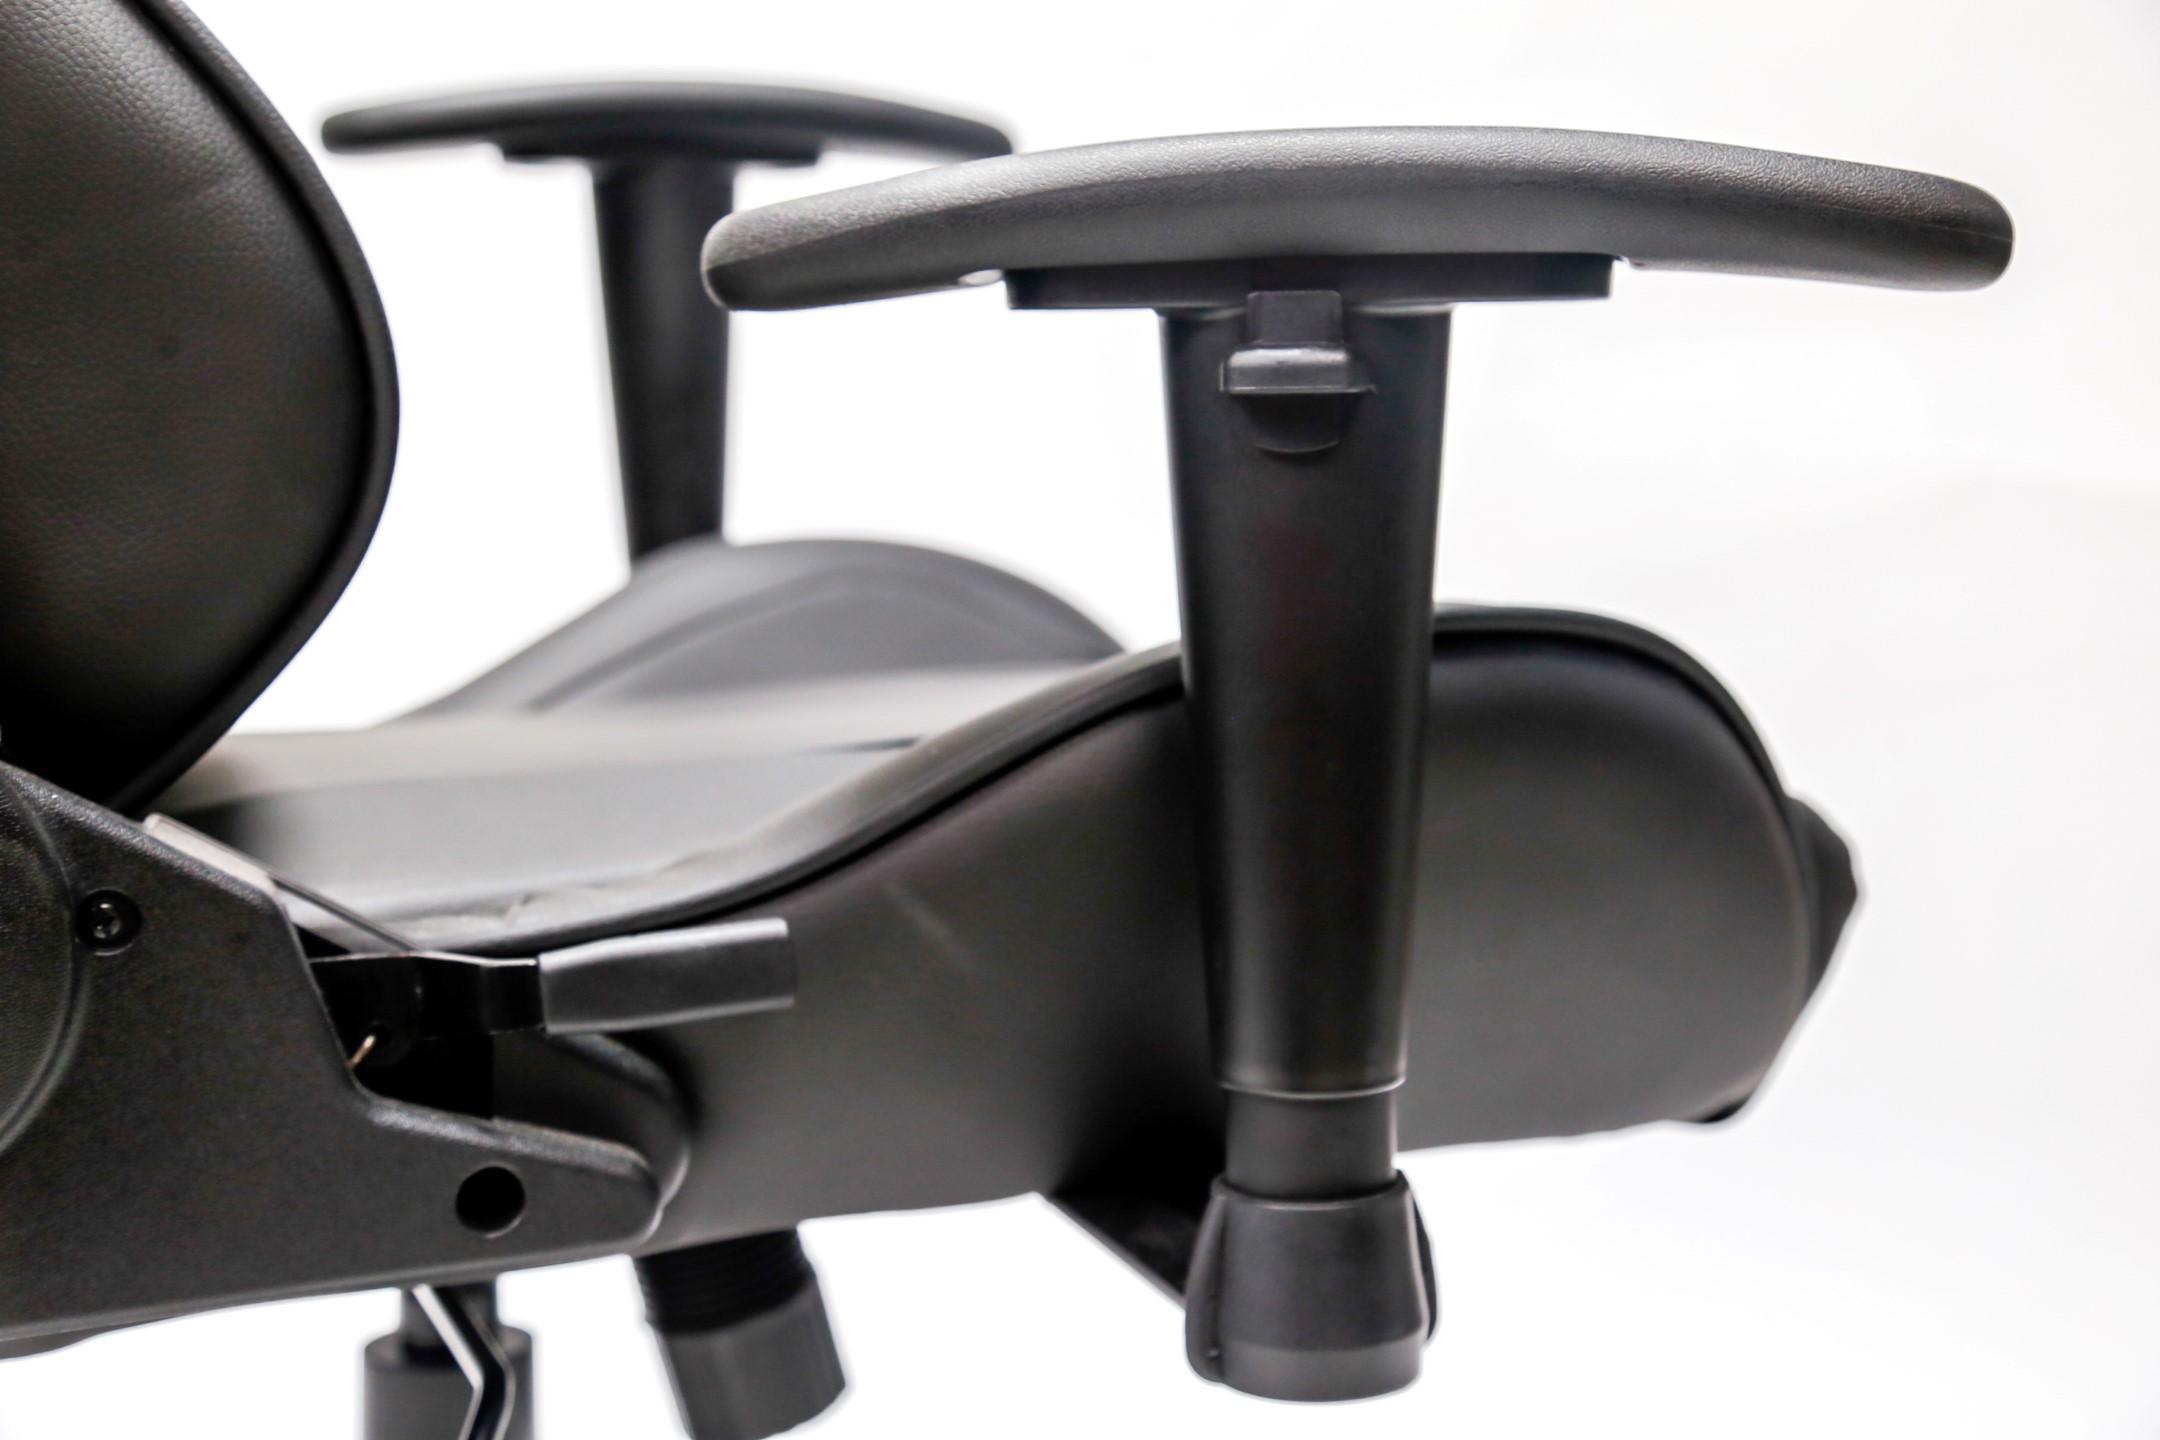 Ghế Gaming E-dra Mars EGC202 Black trang bị đệm tay tiện lợi